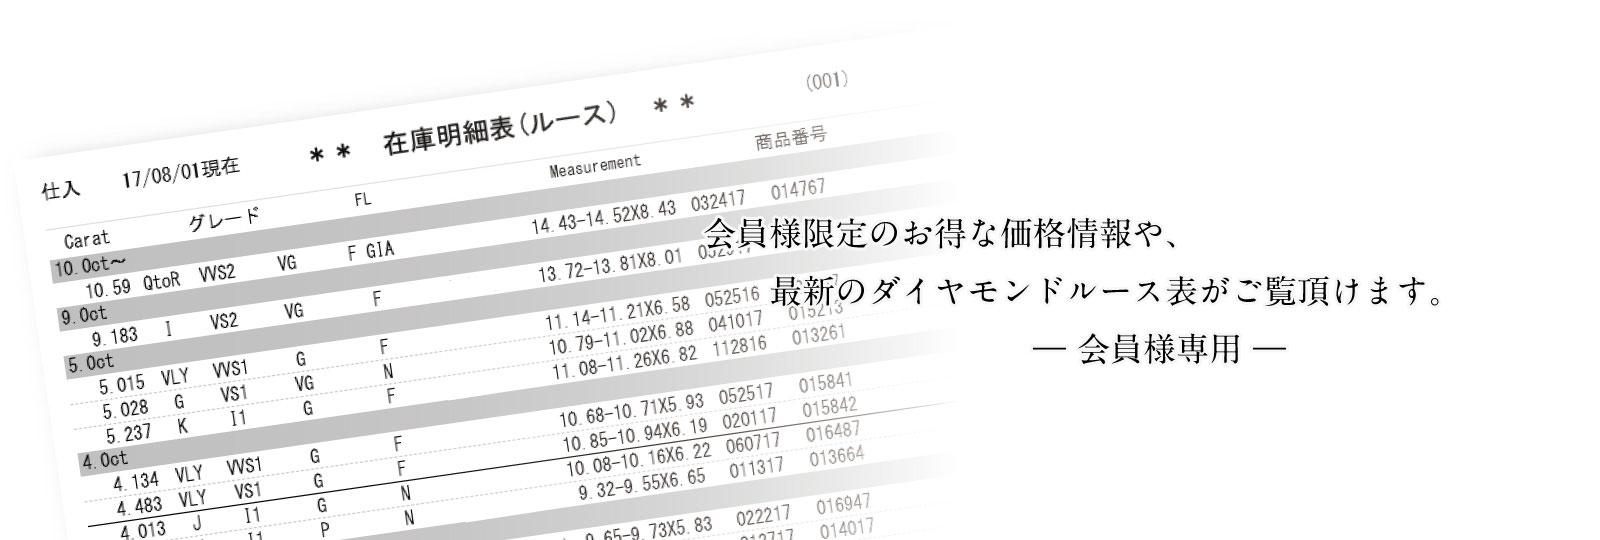 ダイヤ・宝石・貴金属買取のホウショウダイヤモンド